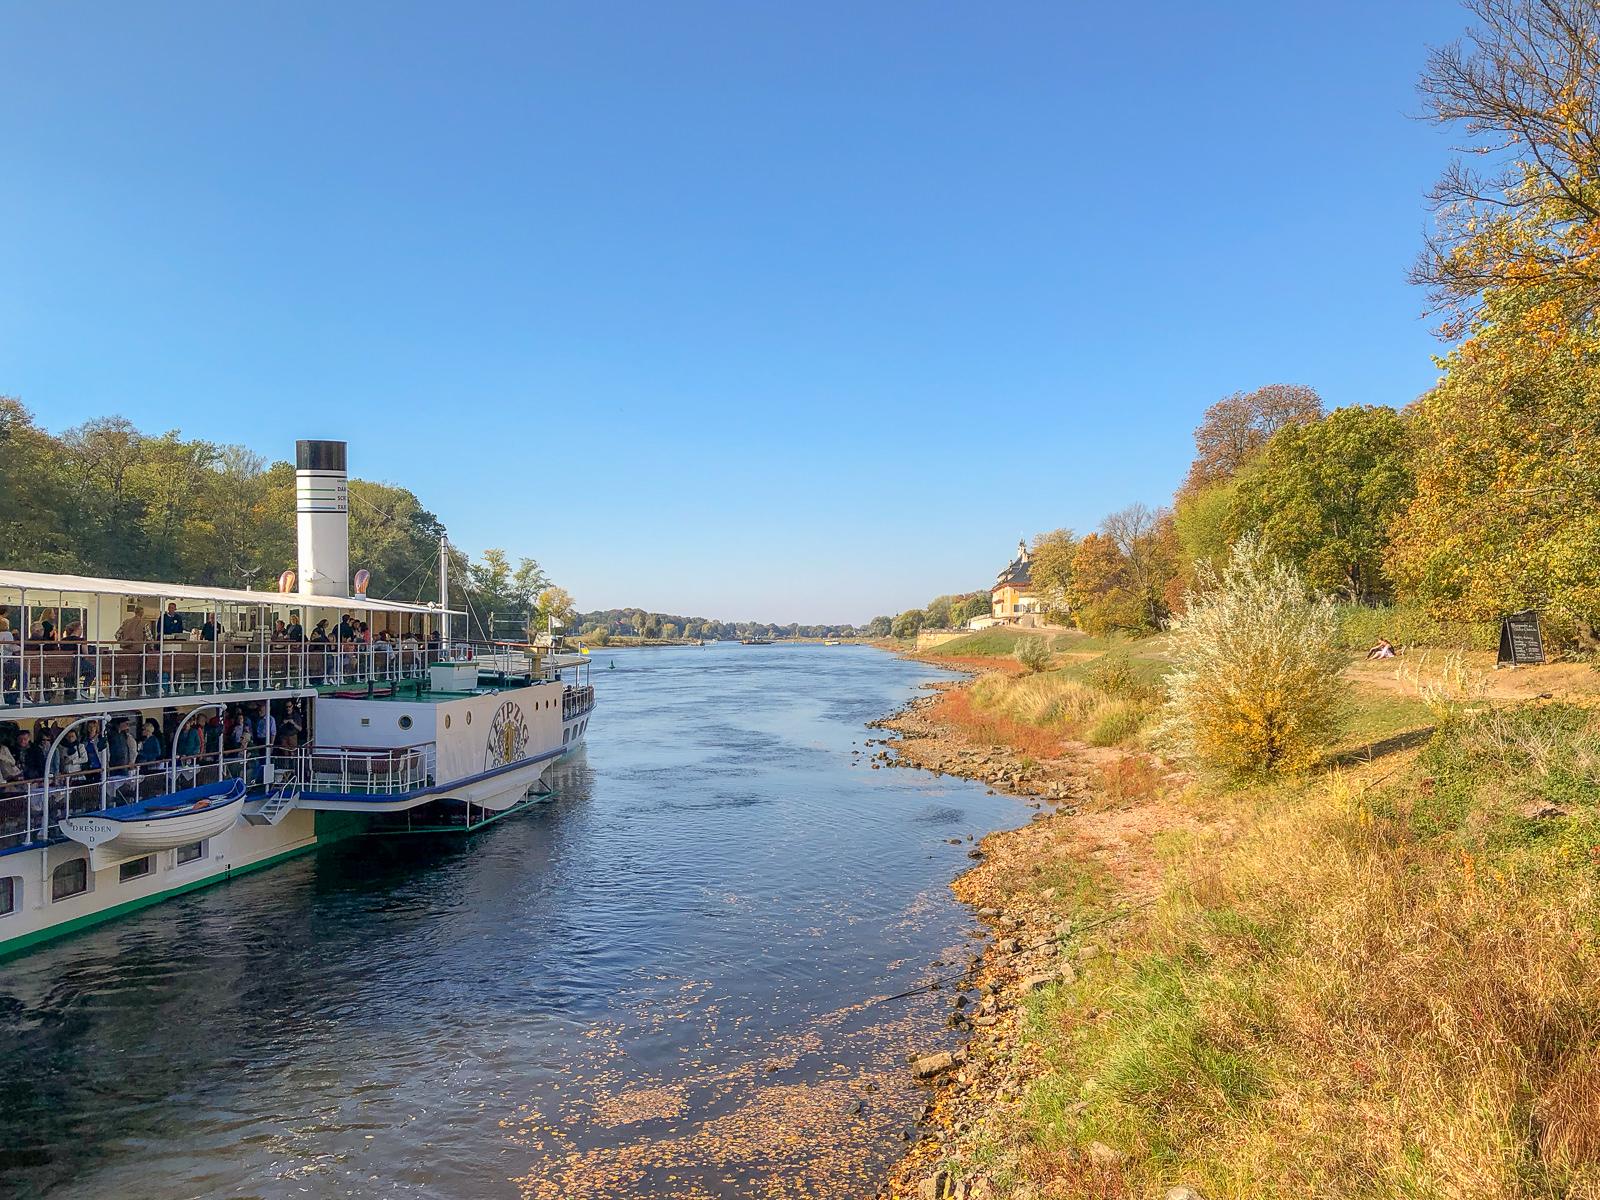 Dresden, Elbland, Schifffahrt